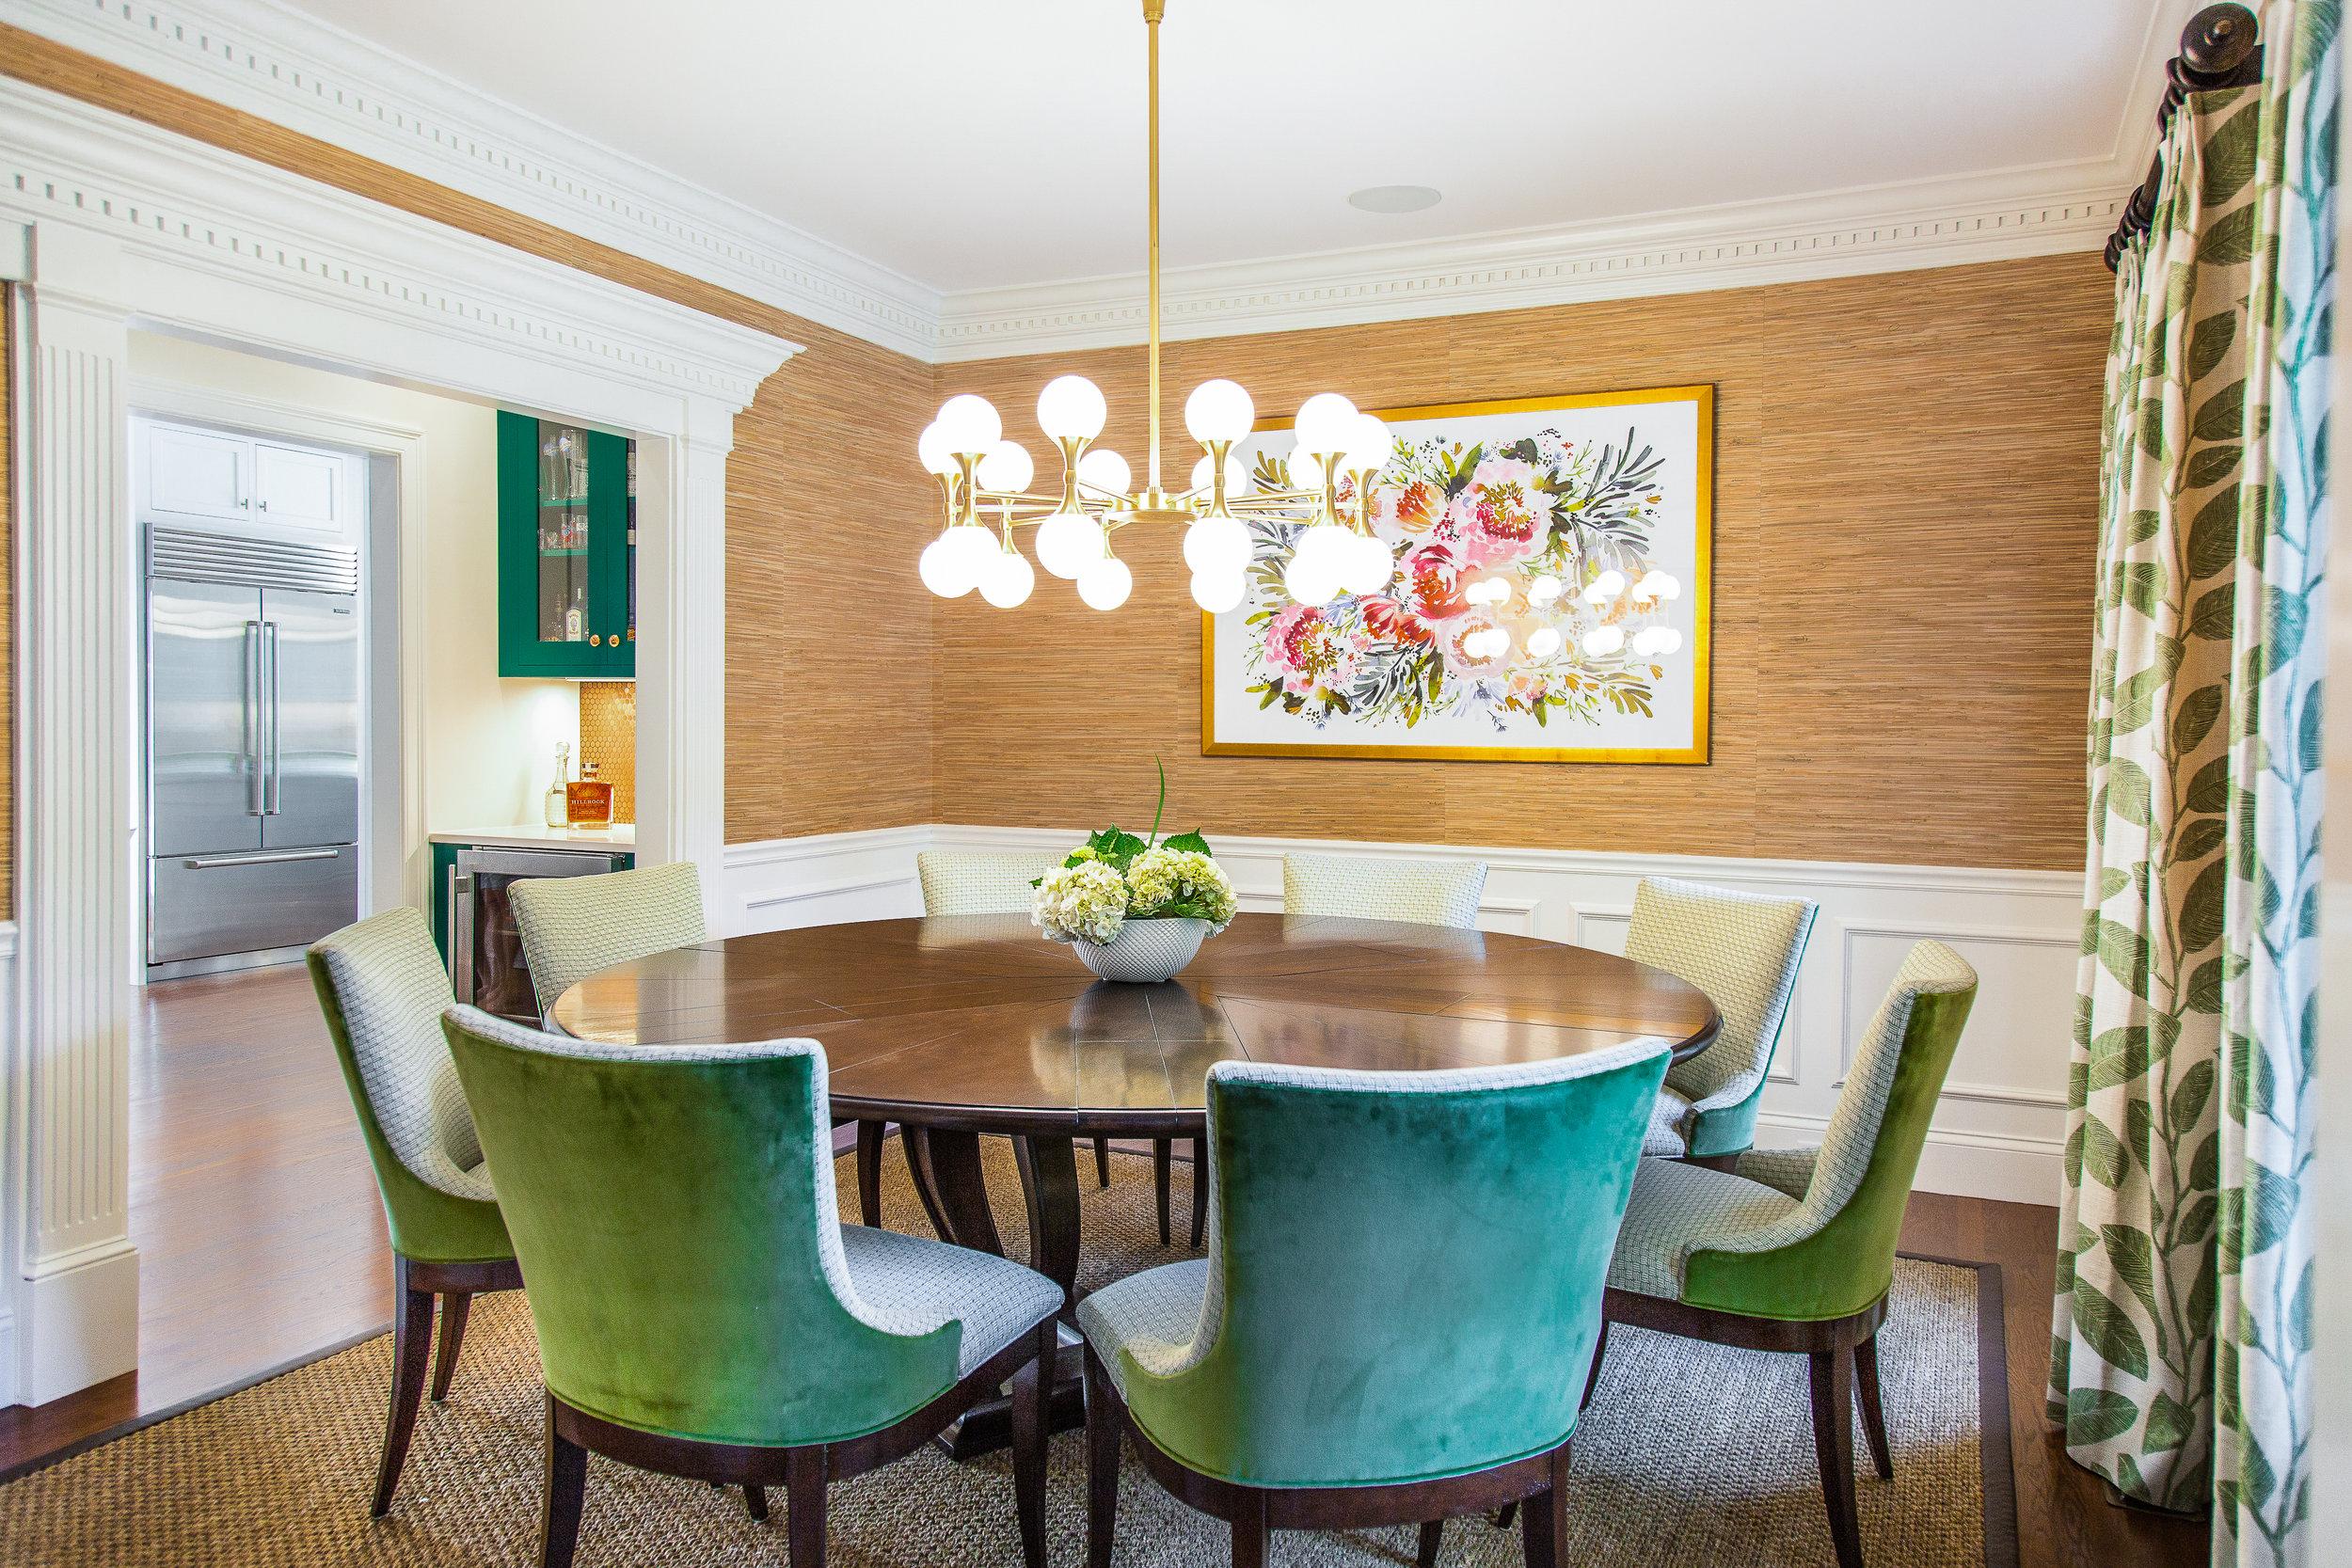 Green Dining Room Pano.jpg